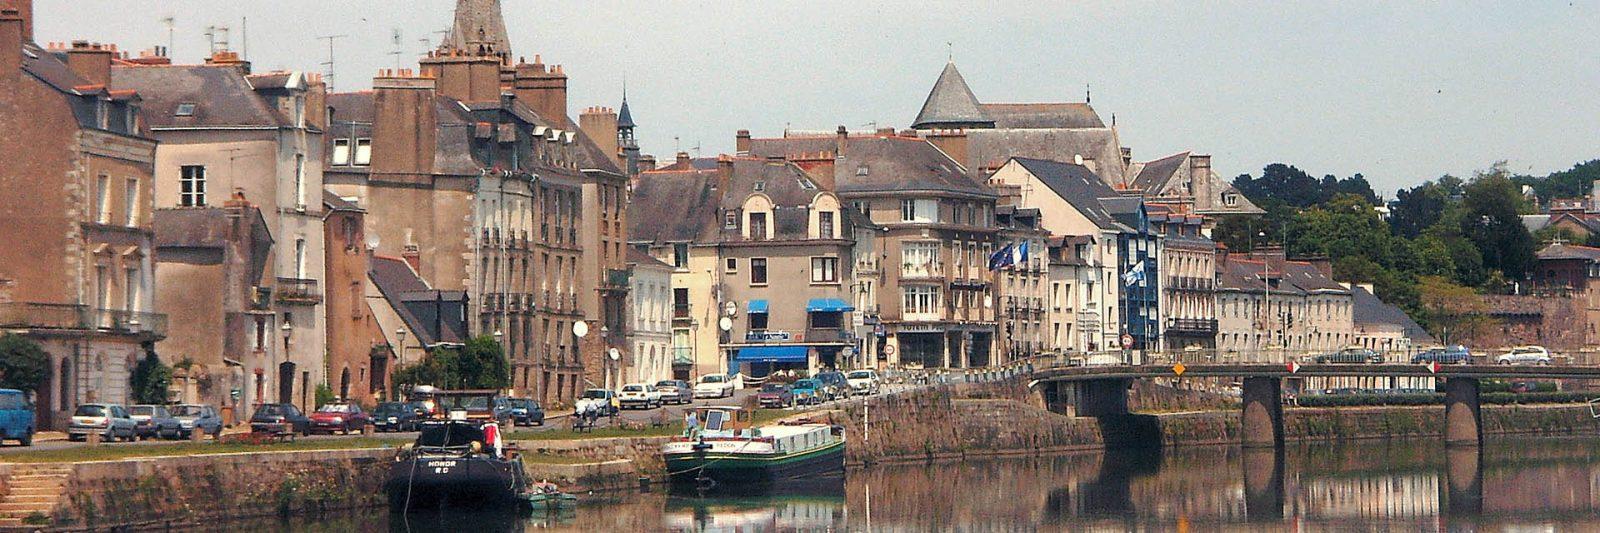 Port de Redon - carrefour fluvial - canal de Nantes à Brest